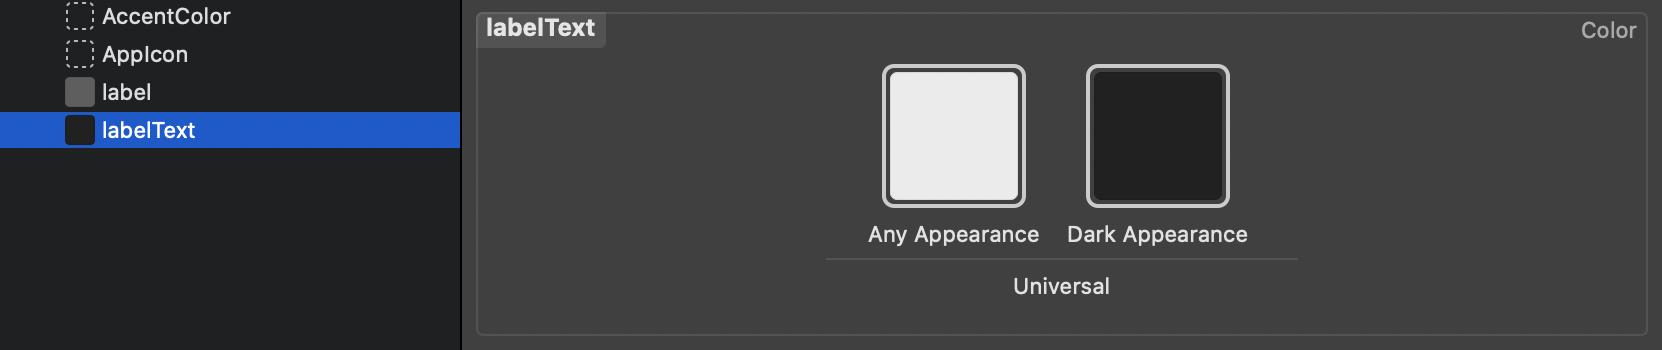 カラーセット例(labelText)